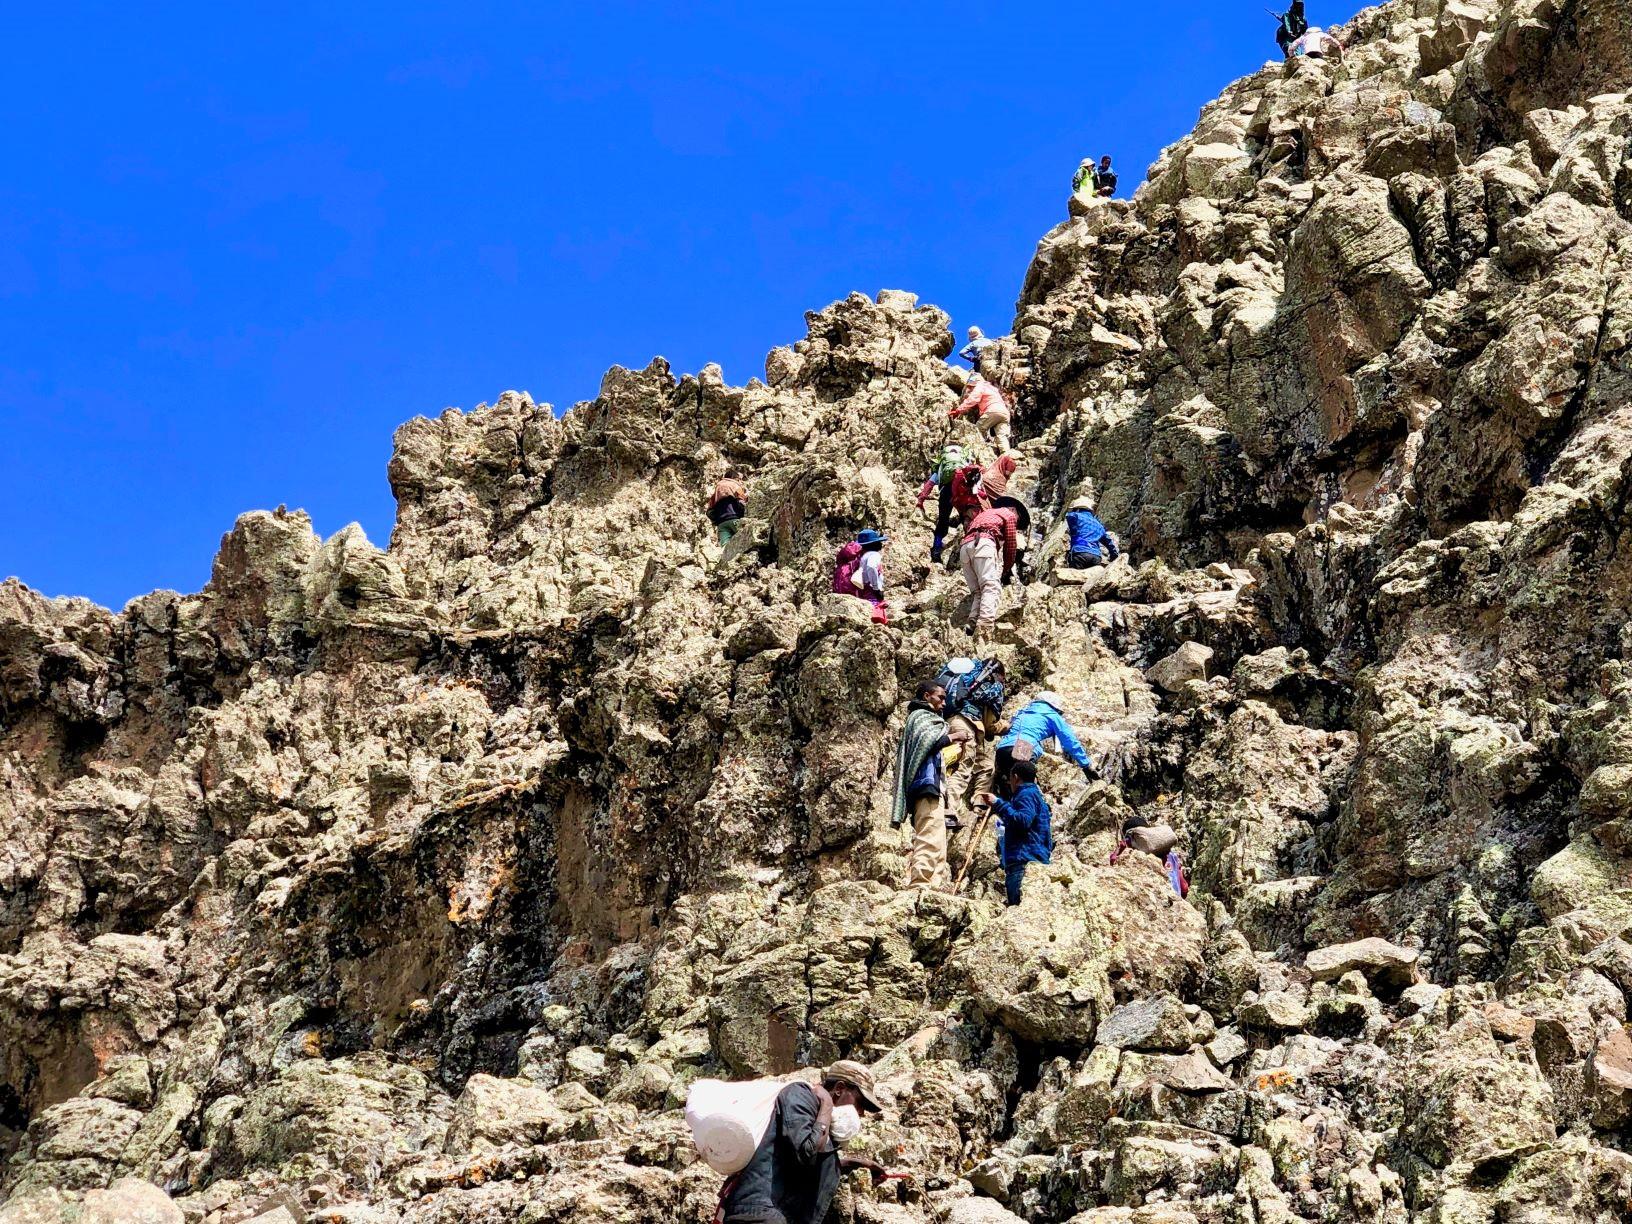 ラスダシャン頂上直下の岩場を行く(5日目)